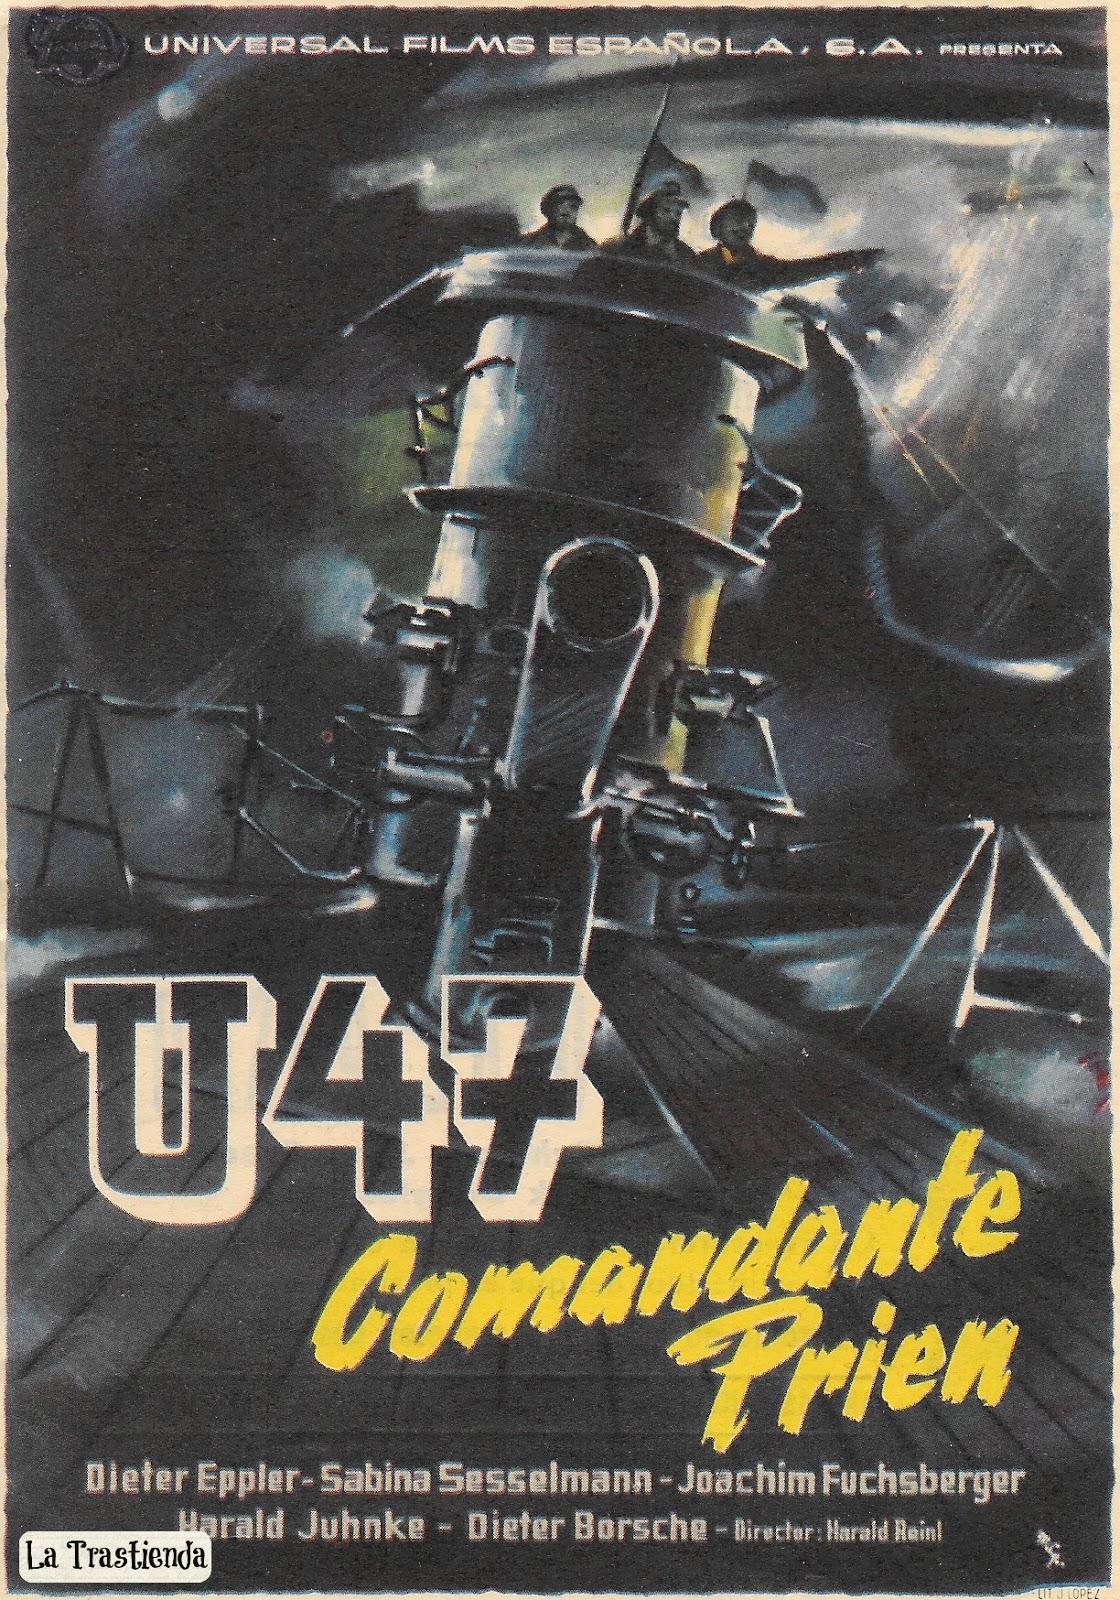 Programa de Cine - U47 Comandante Prien | La Trastienda Antigua